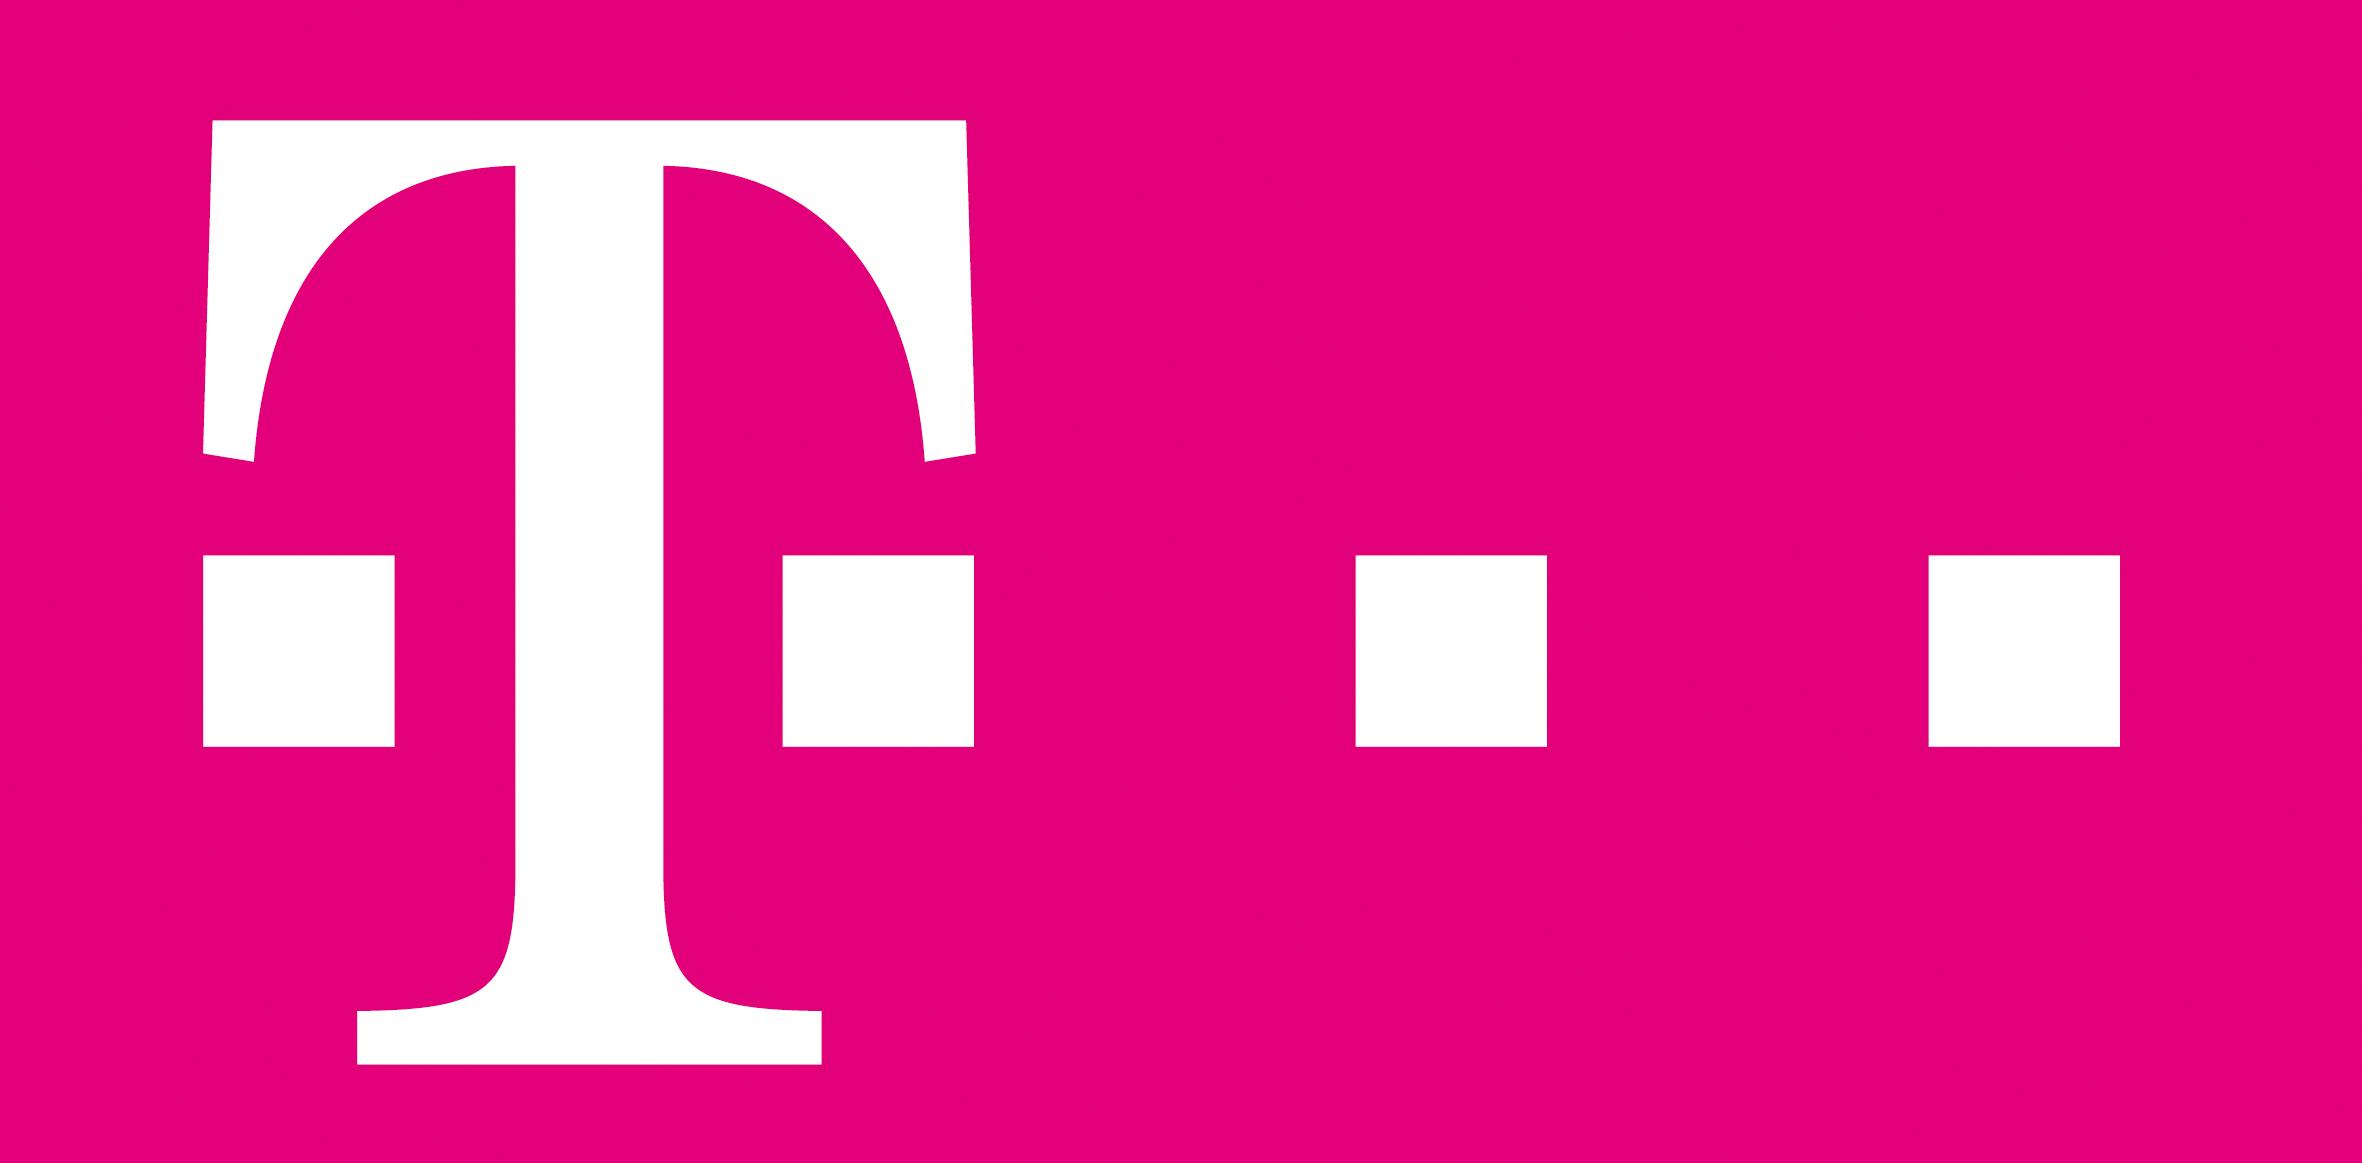 Bis 8. Juli: Top-Aktion für Top-Smartphones bei T-Mobile